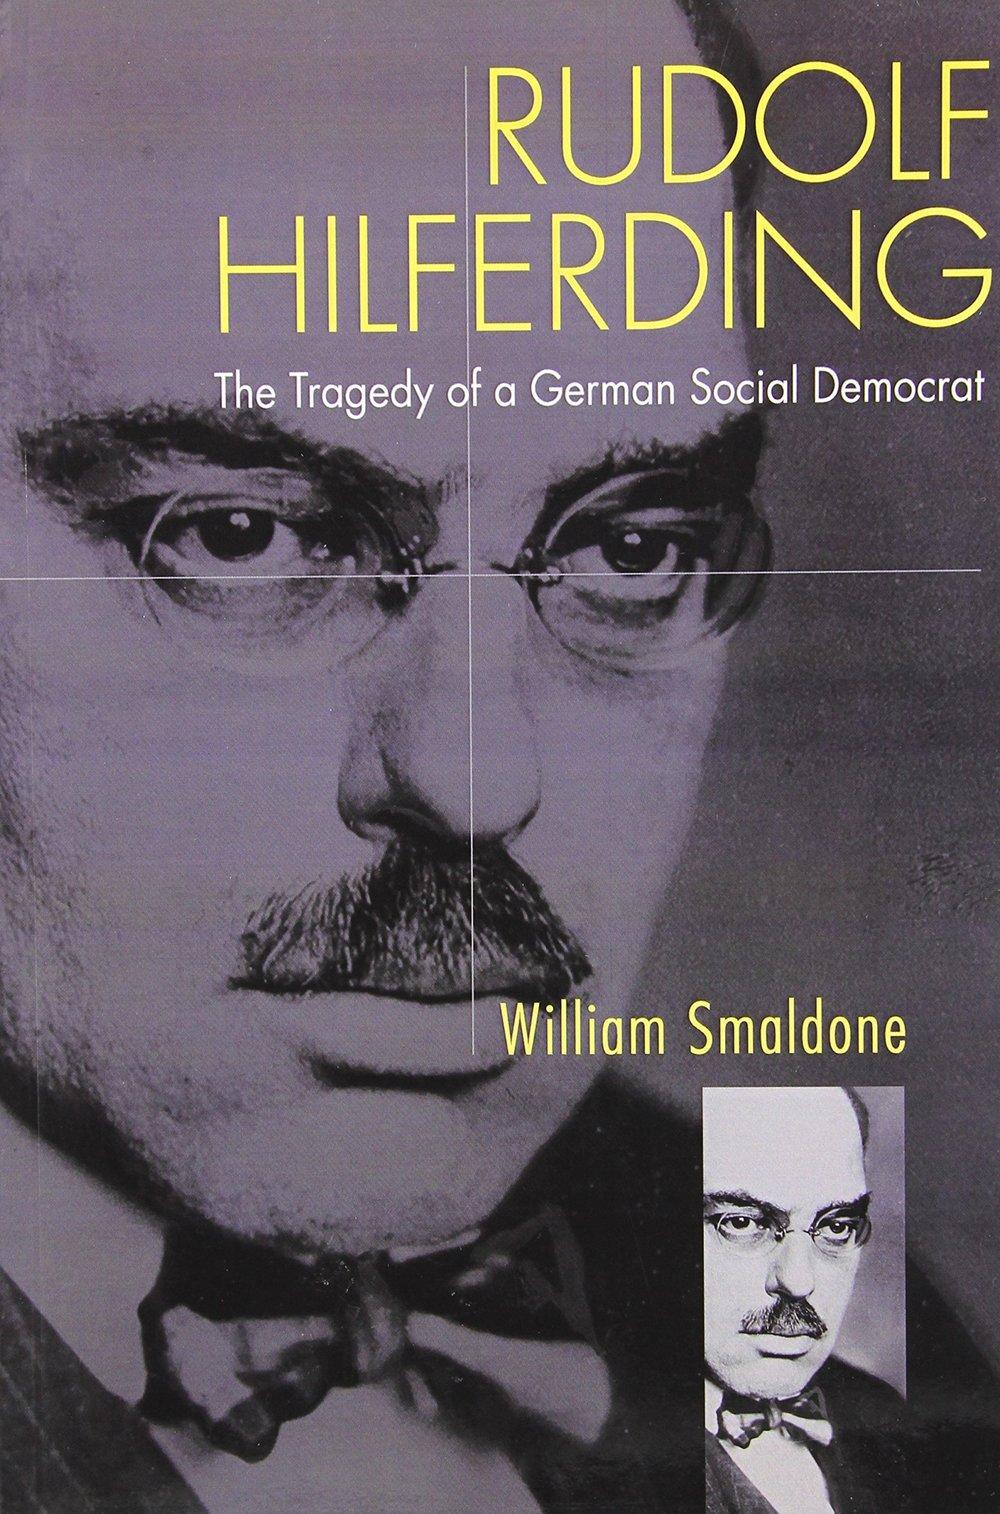 Tras huir de Alemanaia con el ascenso nazi, finalmente Hilferding habría sido apresado y torturado por la Gestapo (policía secreta nazi) y finalmente falleció sin saberse las causas exactas.